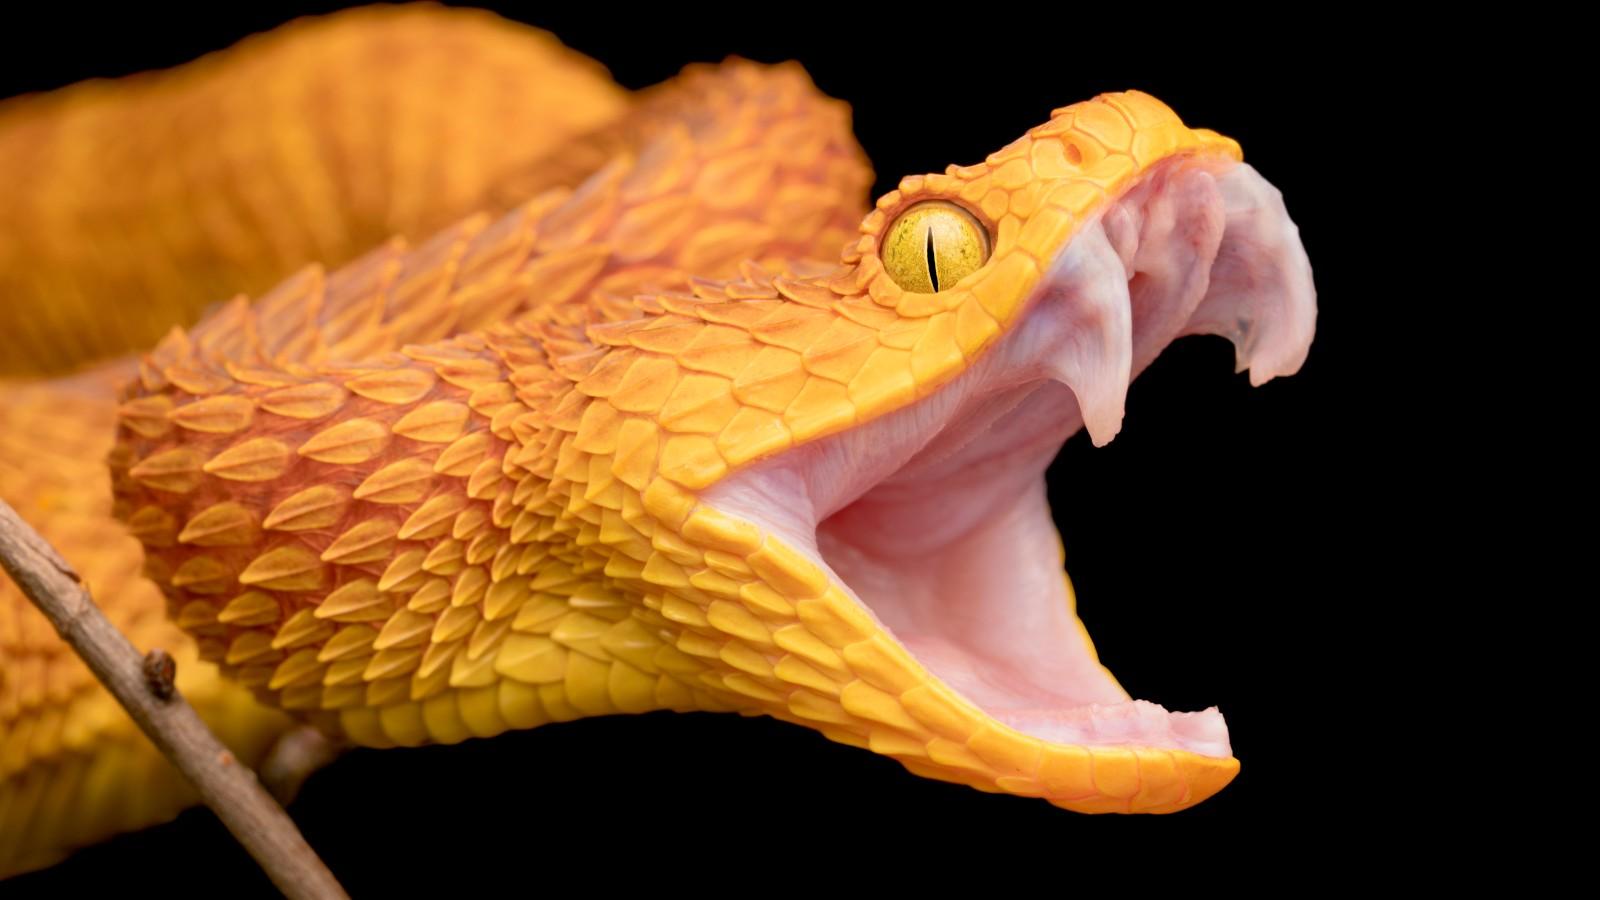 210811-snake-fangs-teaser-1600px.jpg